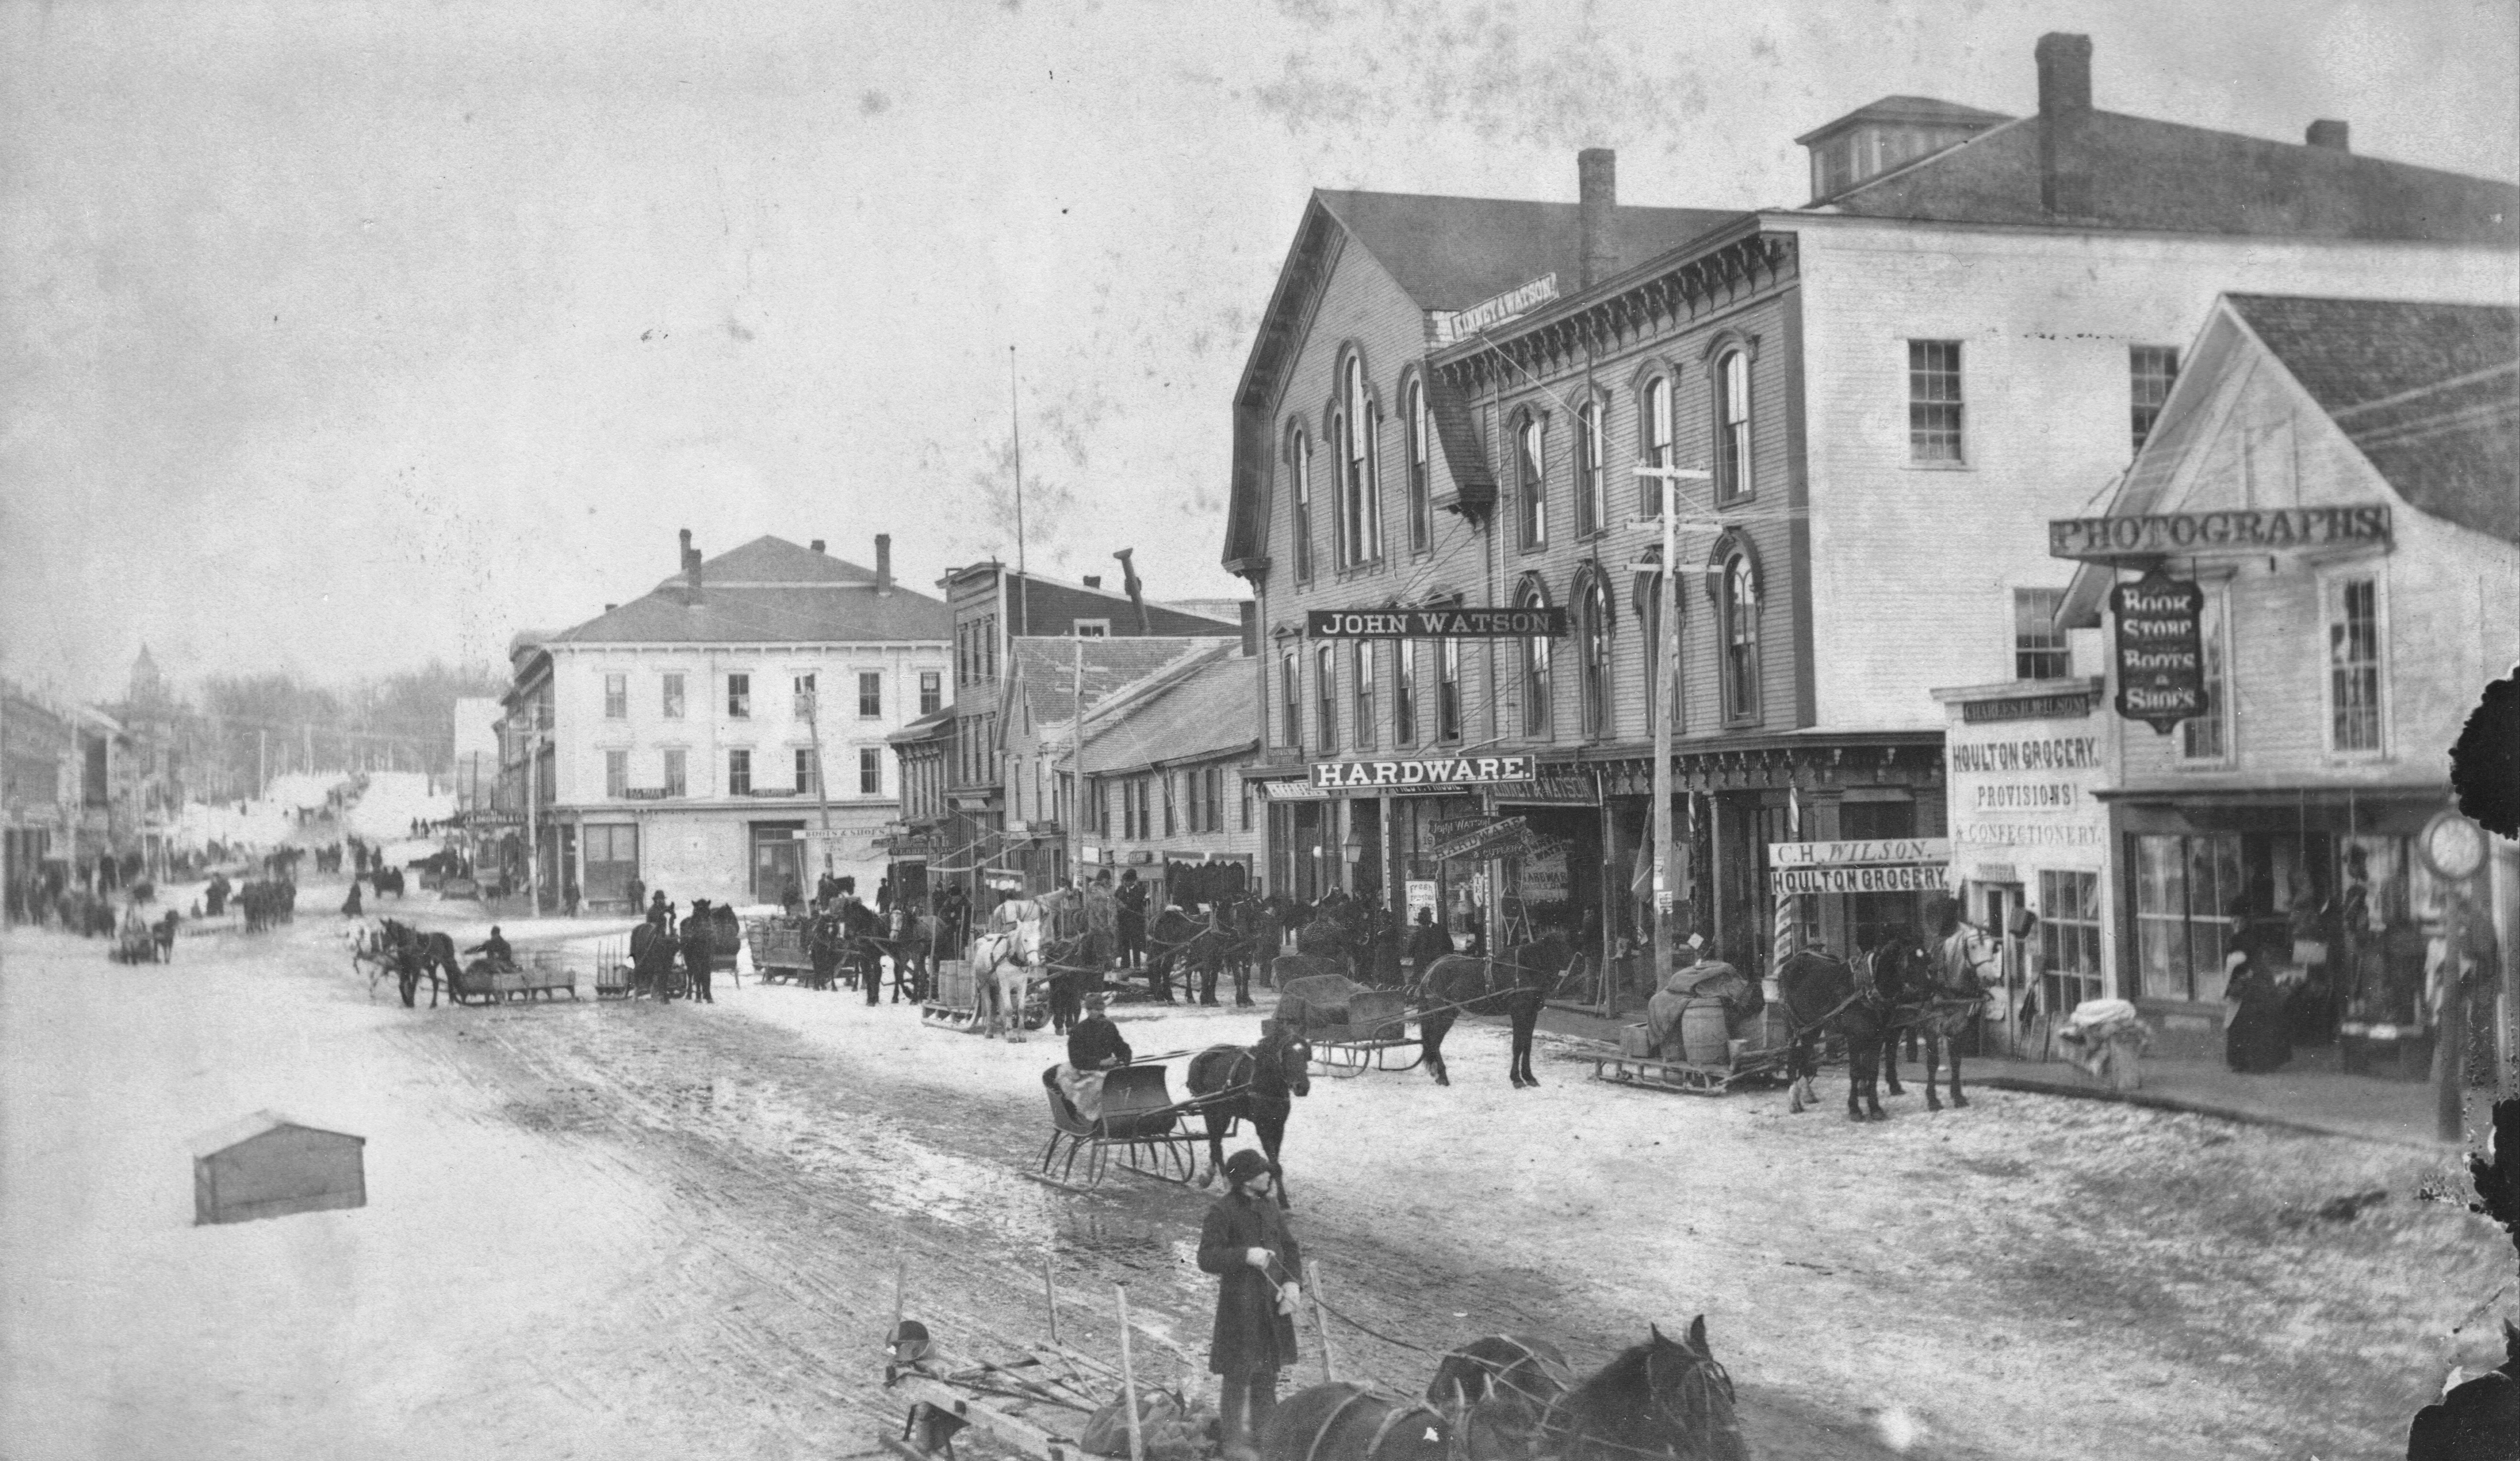 Market Square in Winter, ca. 1885.